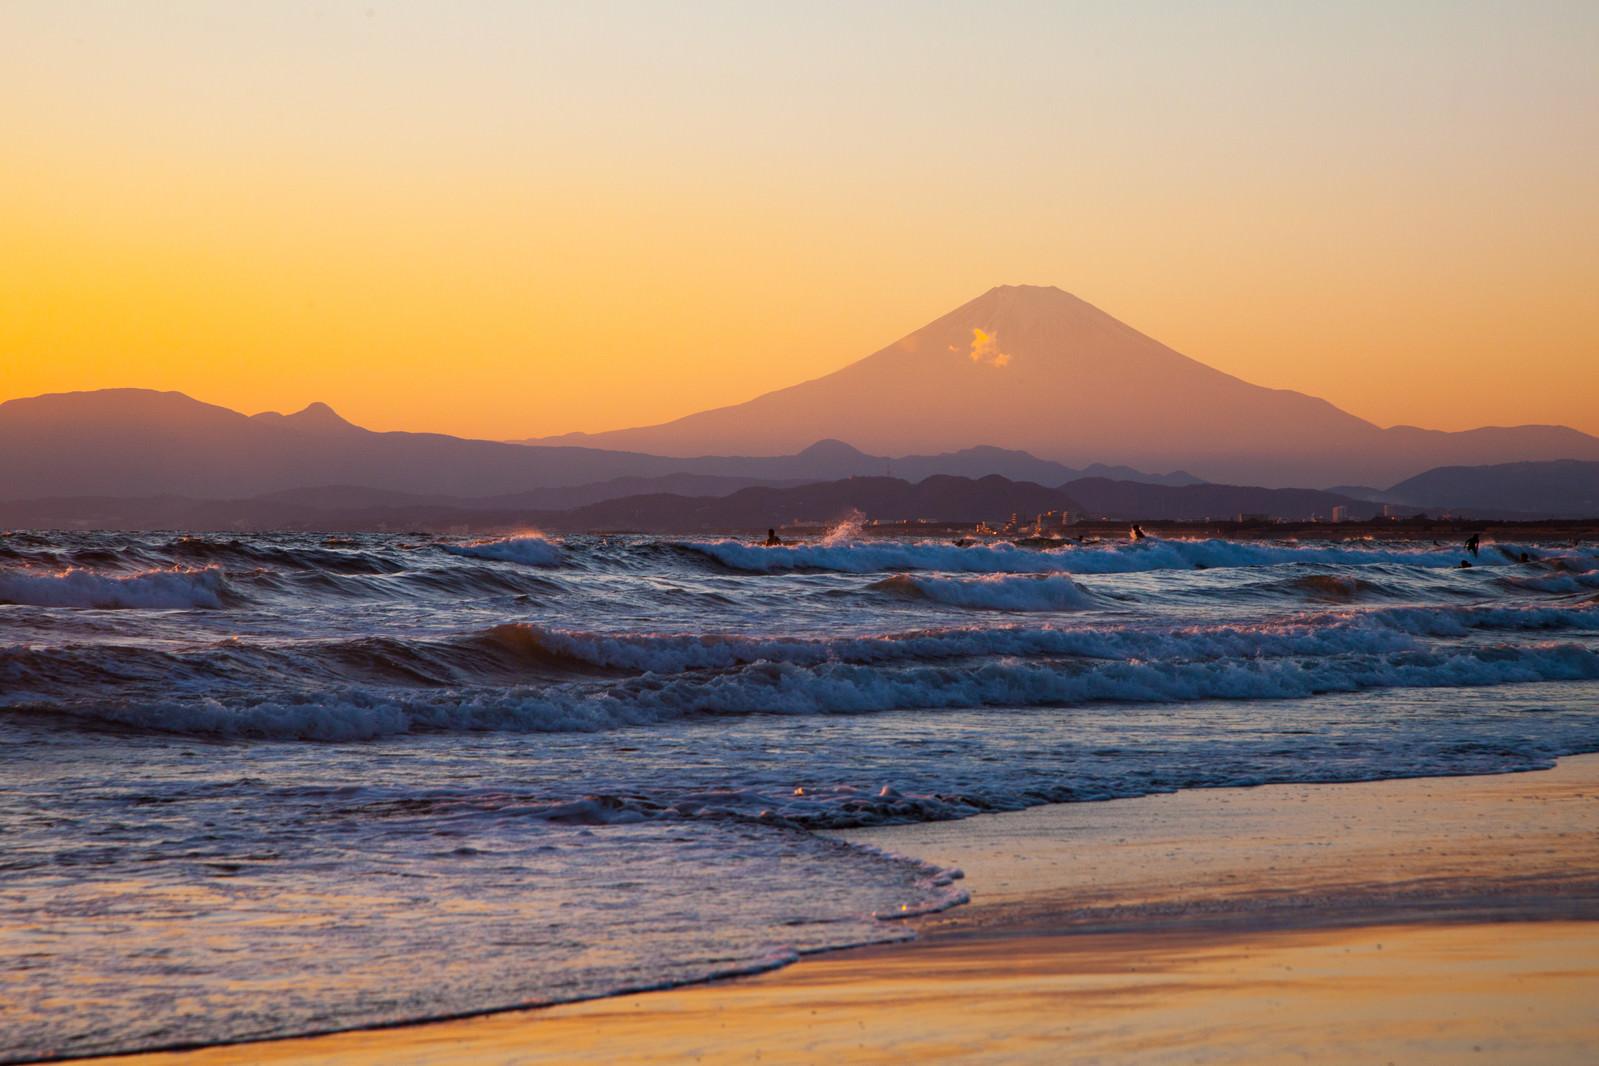 「押し寄せる波と富士の山」の写真